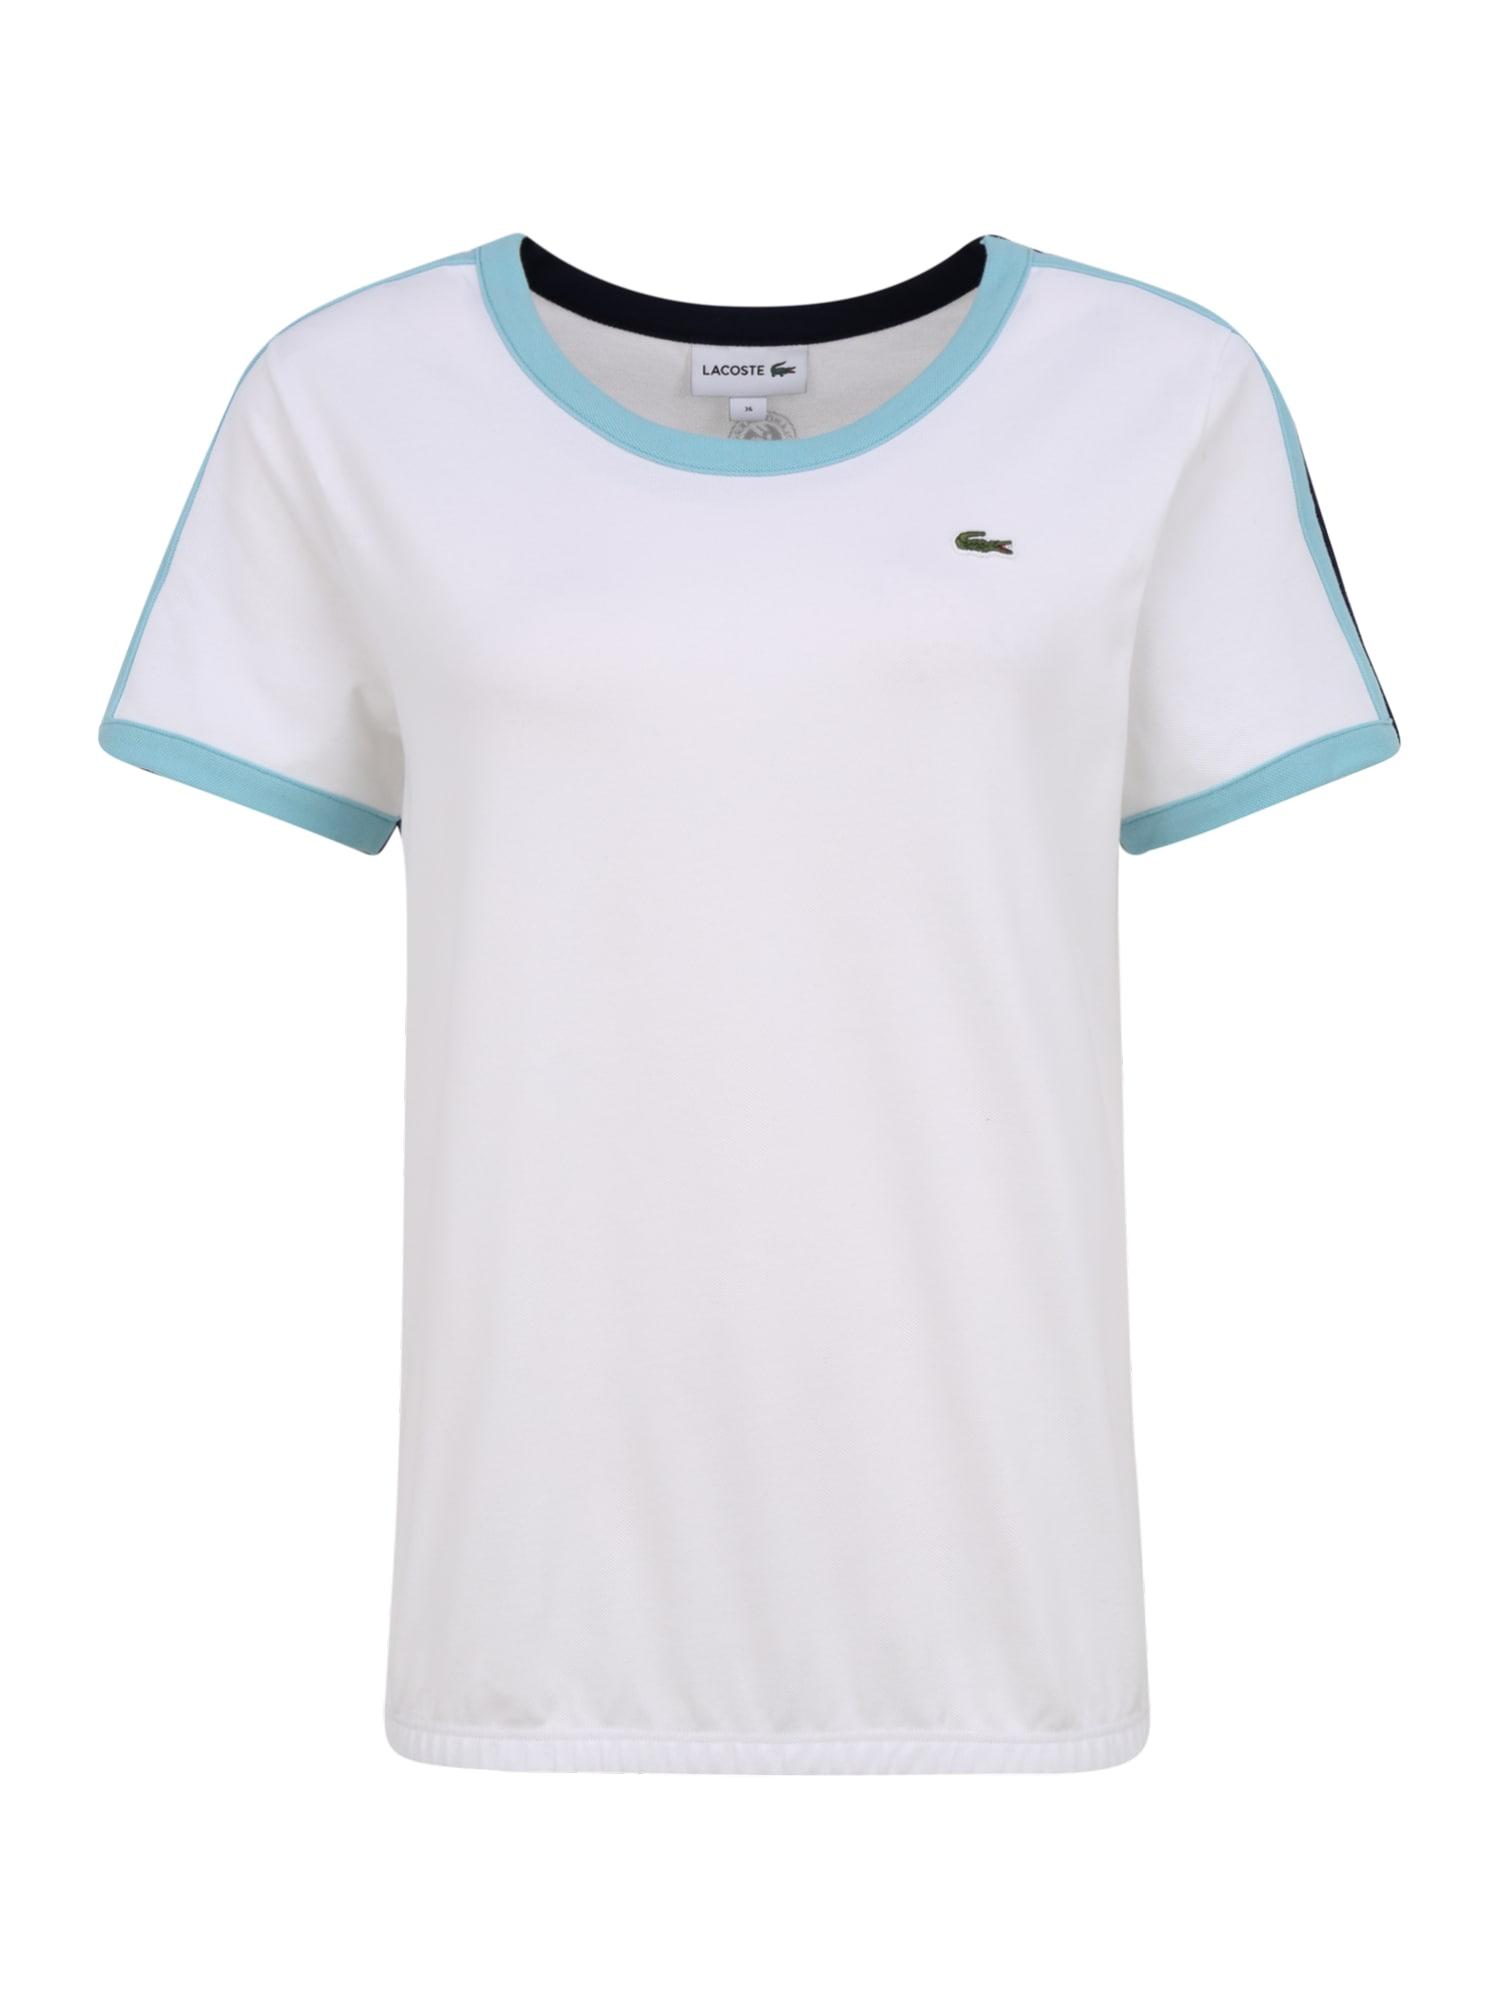 Lacoste Sport Sportiniai marškinėliai 'Tee' balta / mėlyna